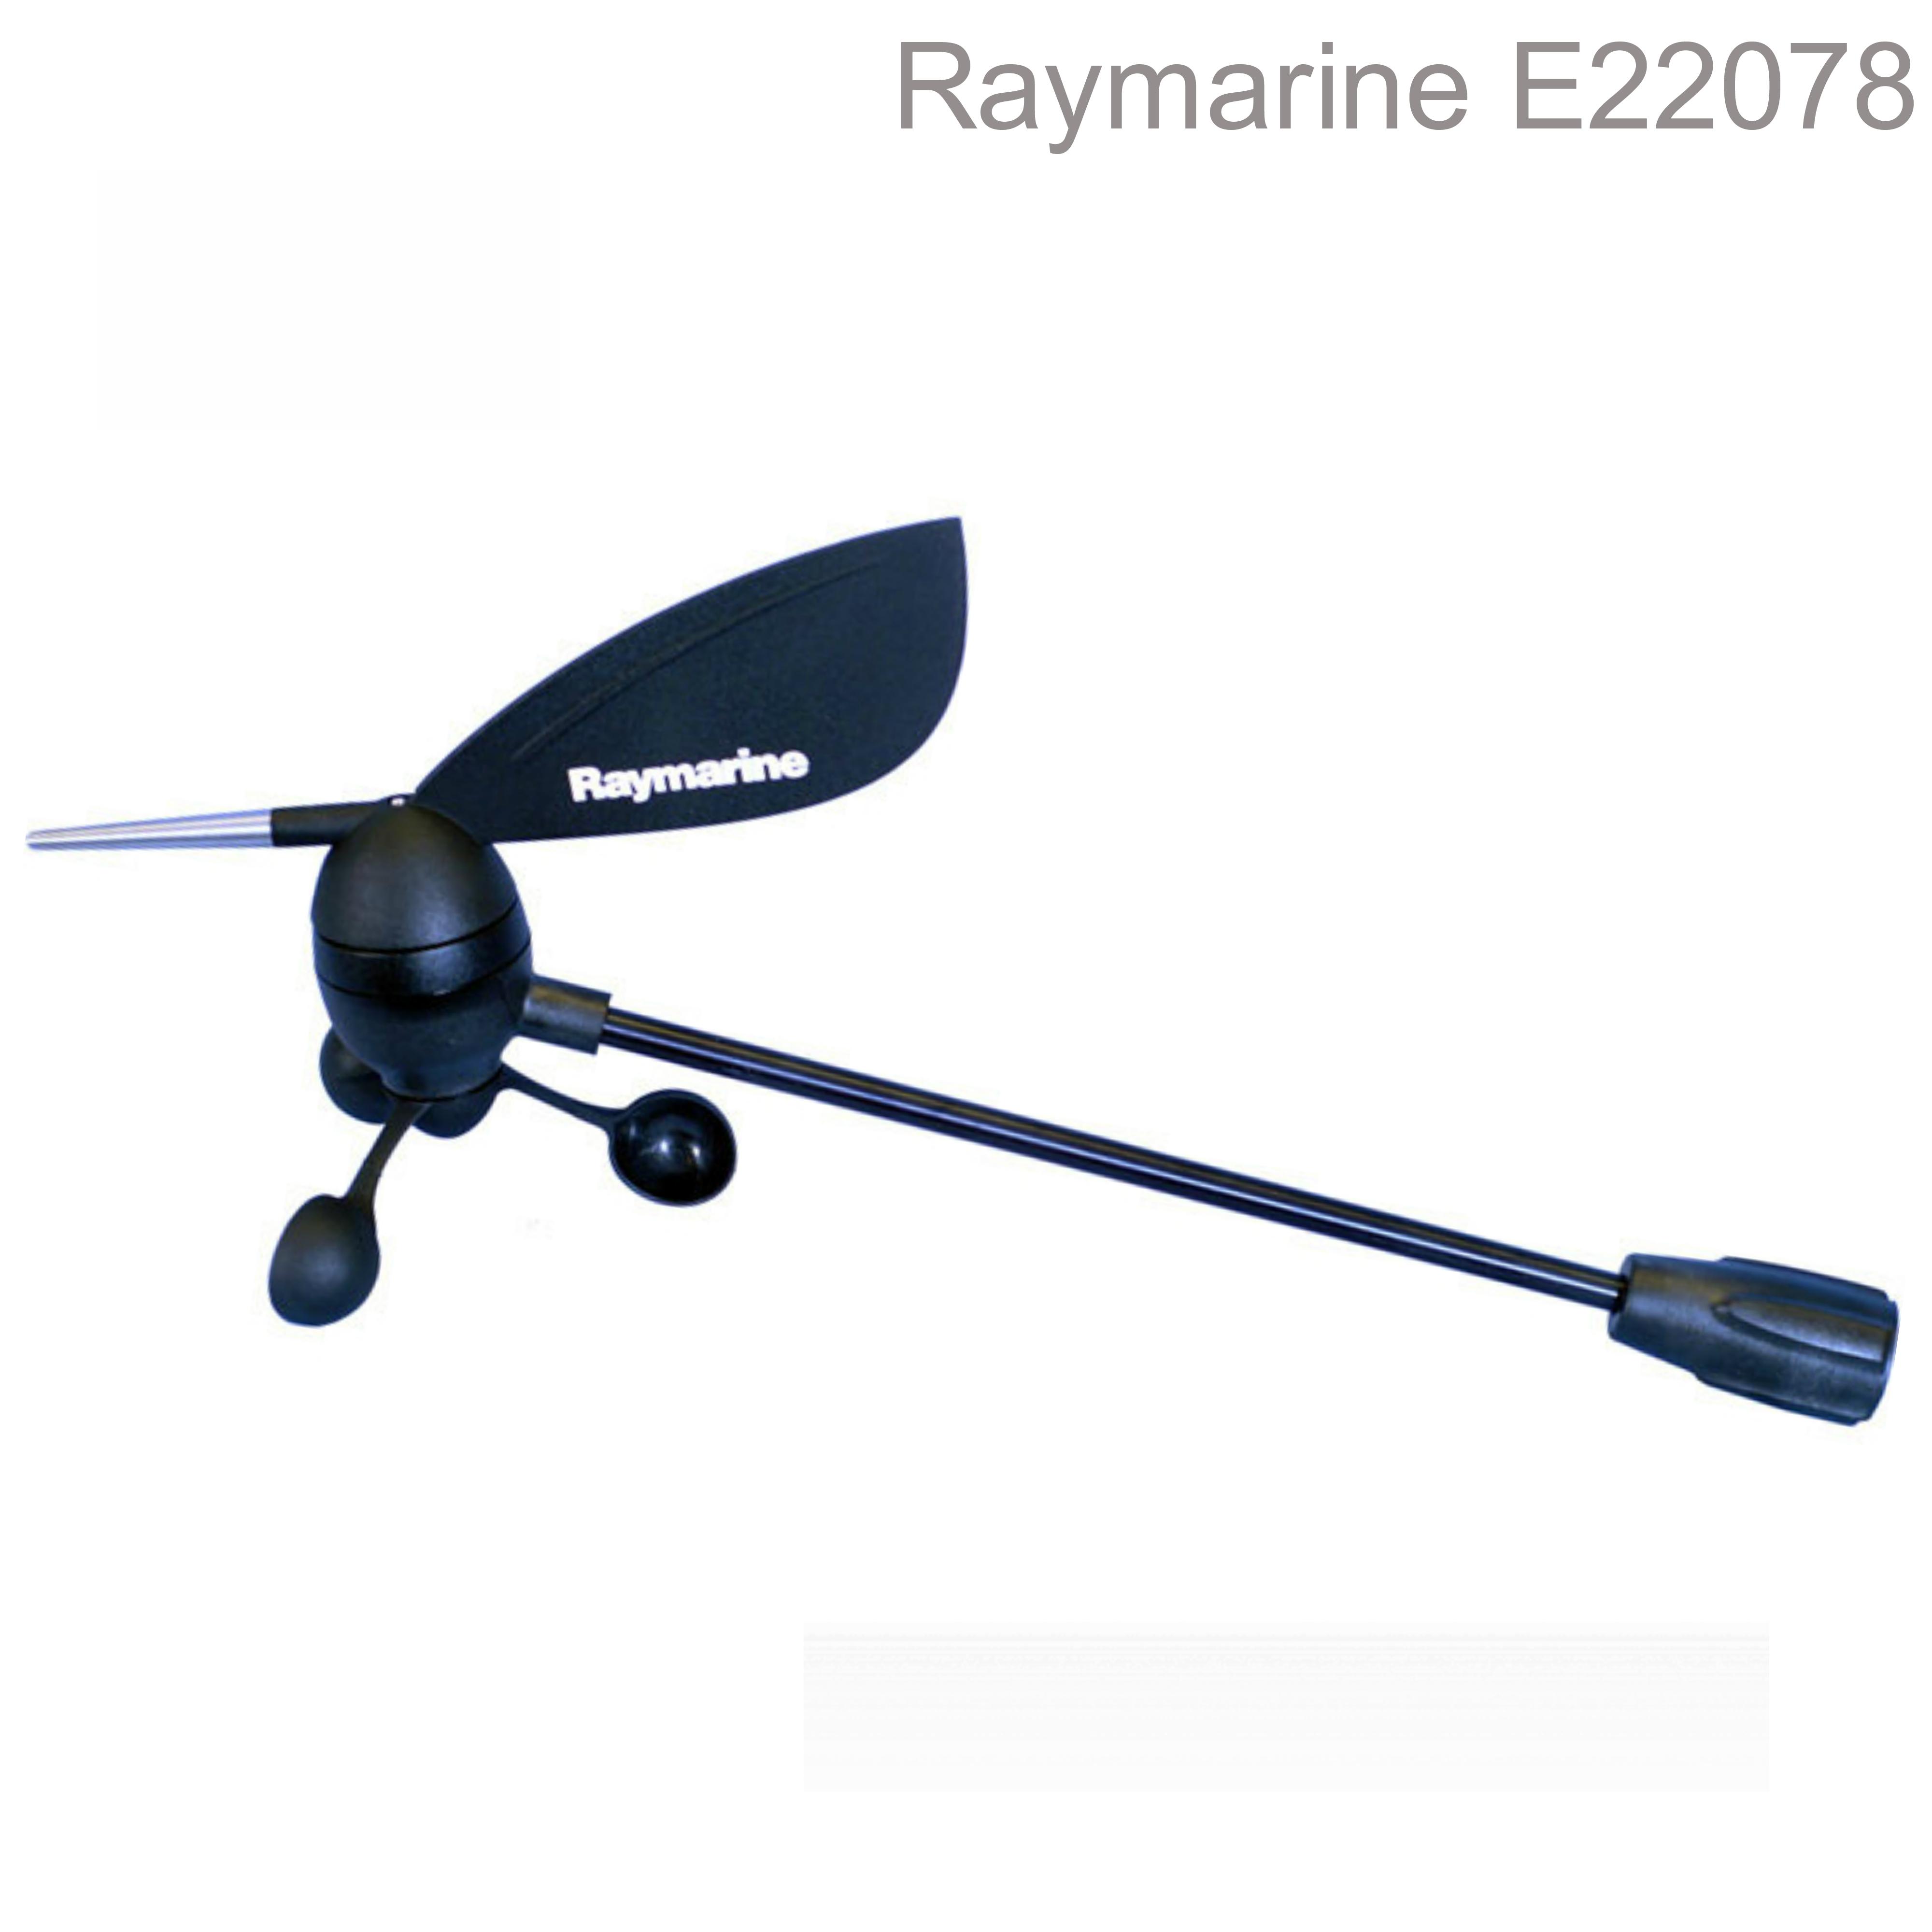 Raymarine-E22078 Short Arm Vane Wind Transducer W/ 30m Cable For ST60/i60/ITC-5